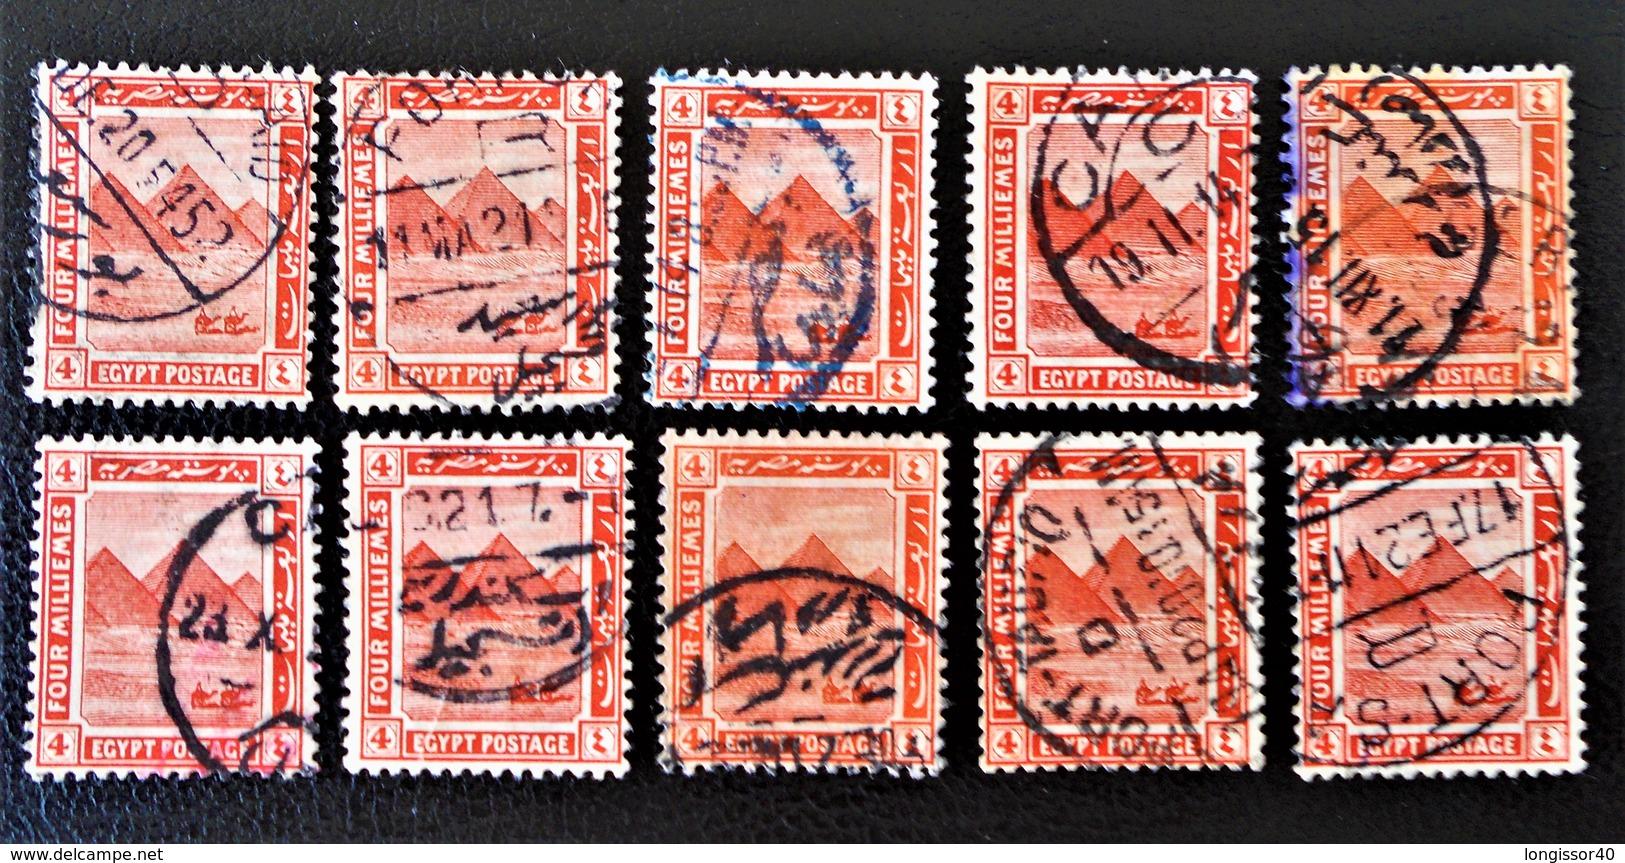 SULTANAT - PYRAMIDE DE GIZEH 1914 - NEUF ** - YT 47 - VARIETES DE TEINTES ET D'OBLITERATIONS - Égypte